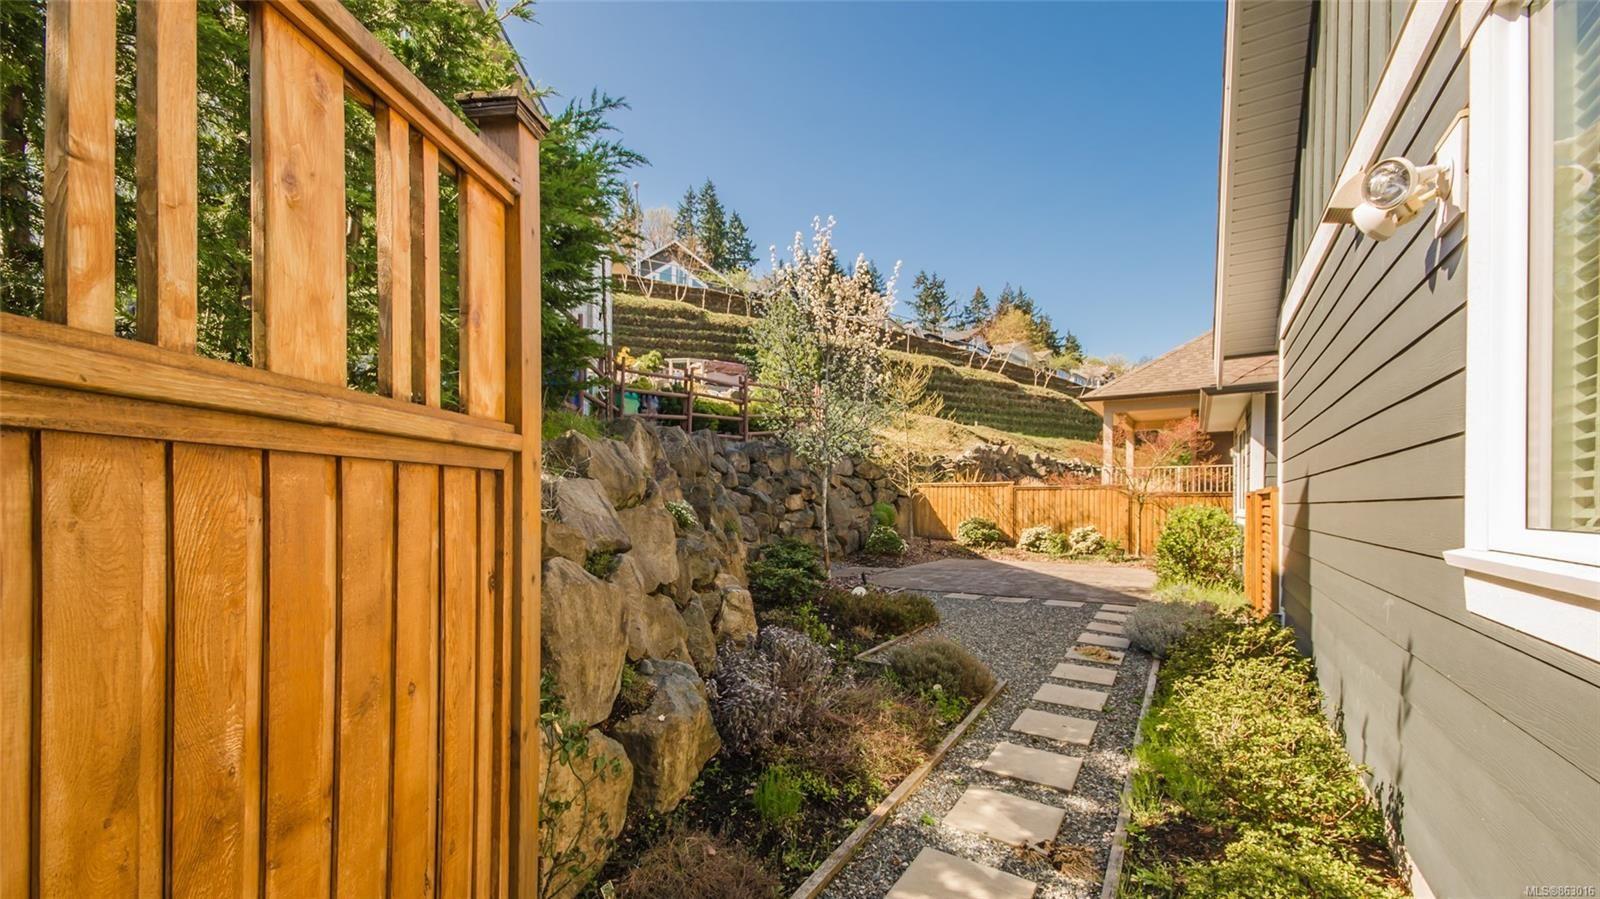 Photo 36: Photos: 5361 Laguna Way in : Na North Nanaimo House for sale (Nanaimo)  : MLS®# 863016